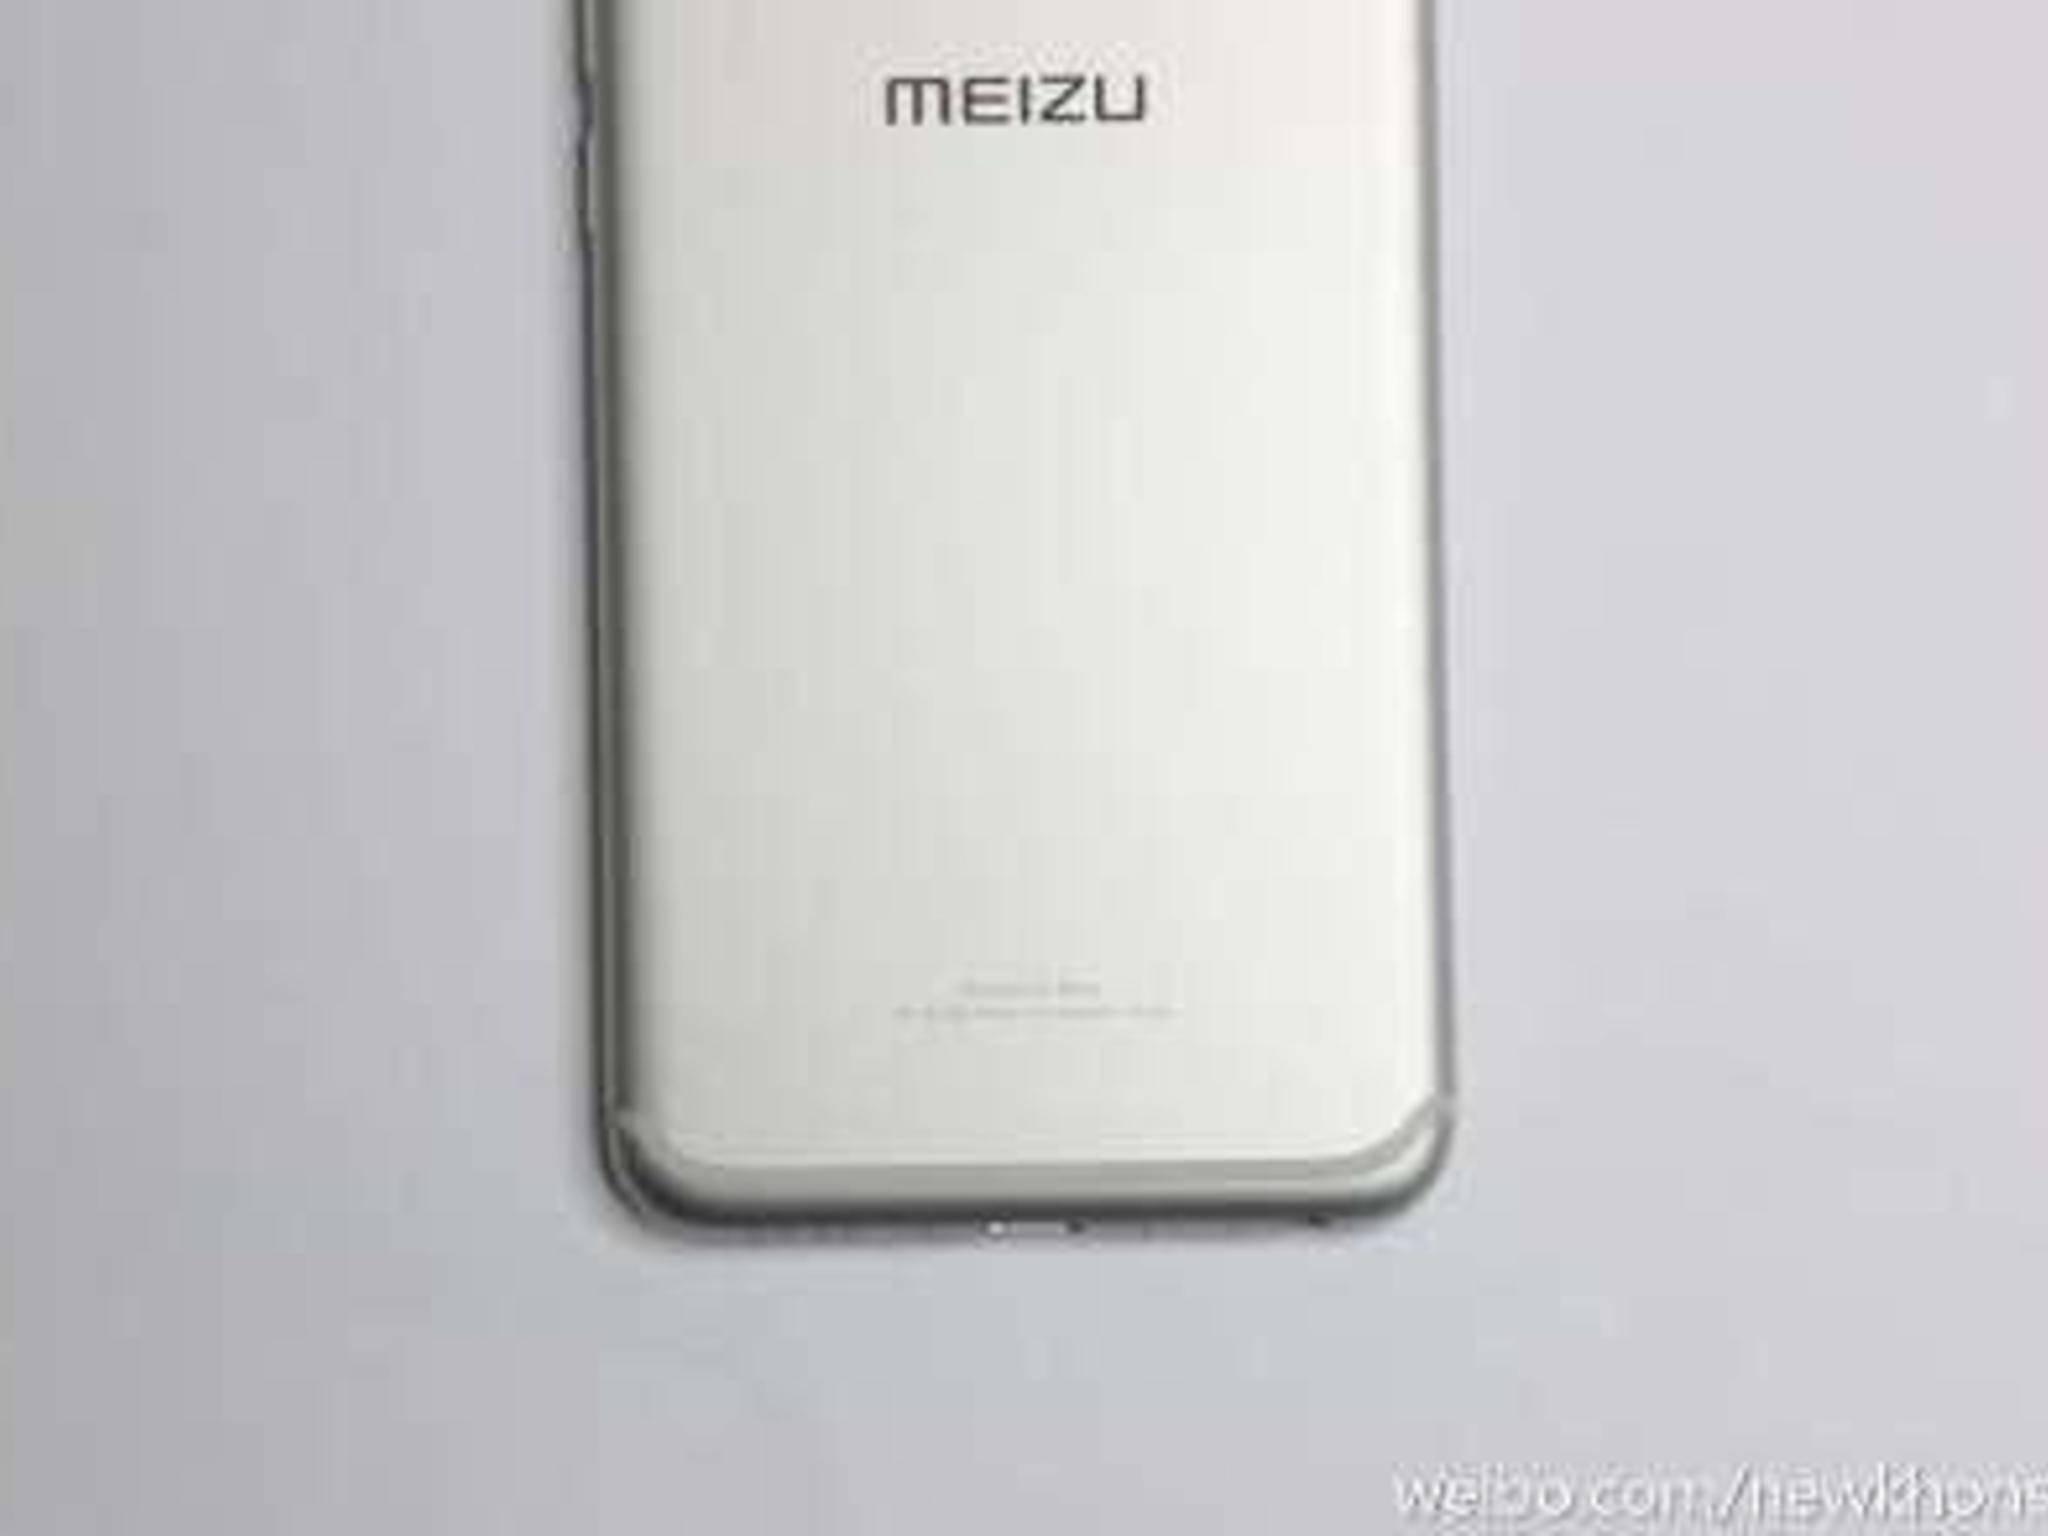 Das ist kein iPhone 7, sondern ein Meizu Pro 6.